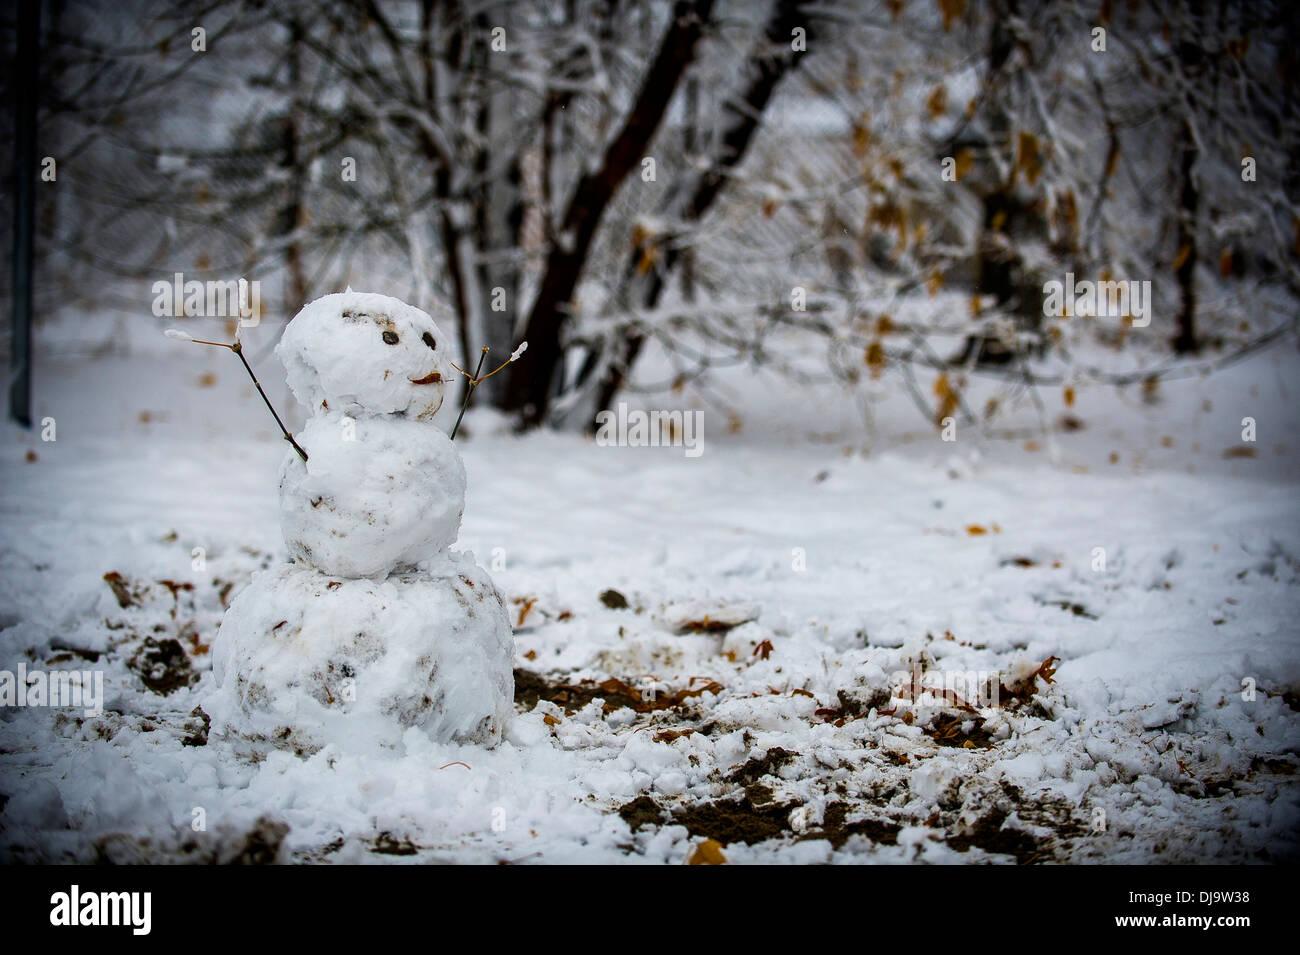 Un pupazzo di neve si trova al di fuori della 728th Manutenzione aeromobili squadrone, nov. 20, 2013, al Centro di Transito di Manas, Kirghizistan. Ha nevicato tre pollici e era la più pesante nevicata finora al centro di transito. Immagini Stock